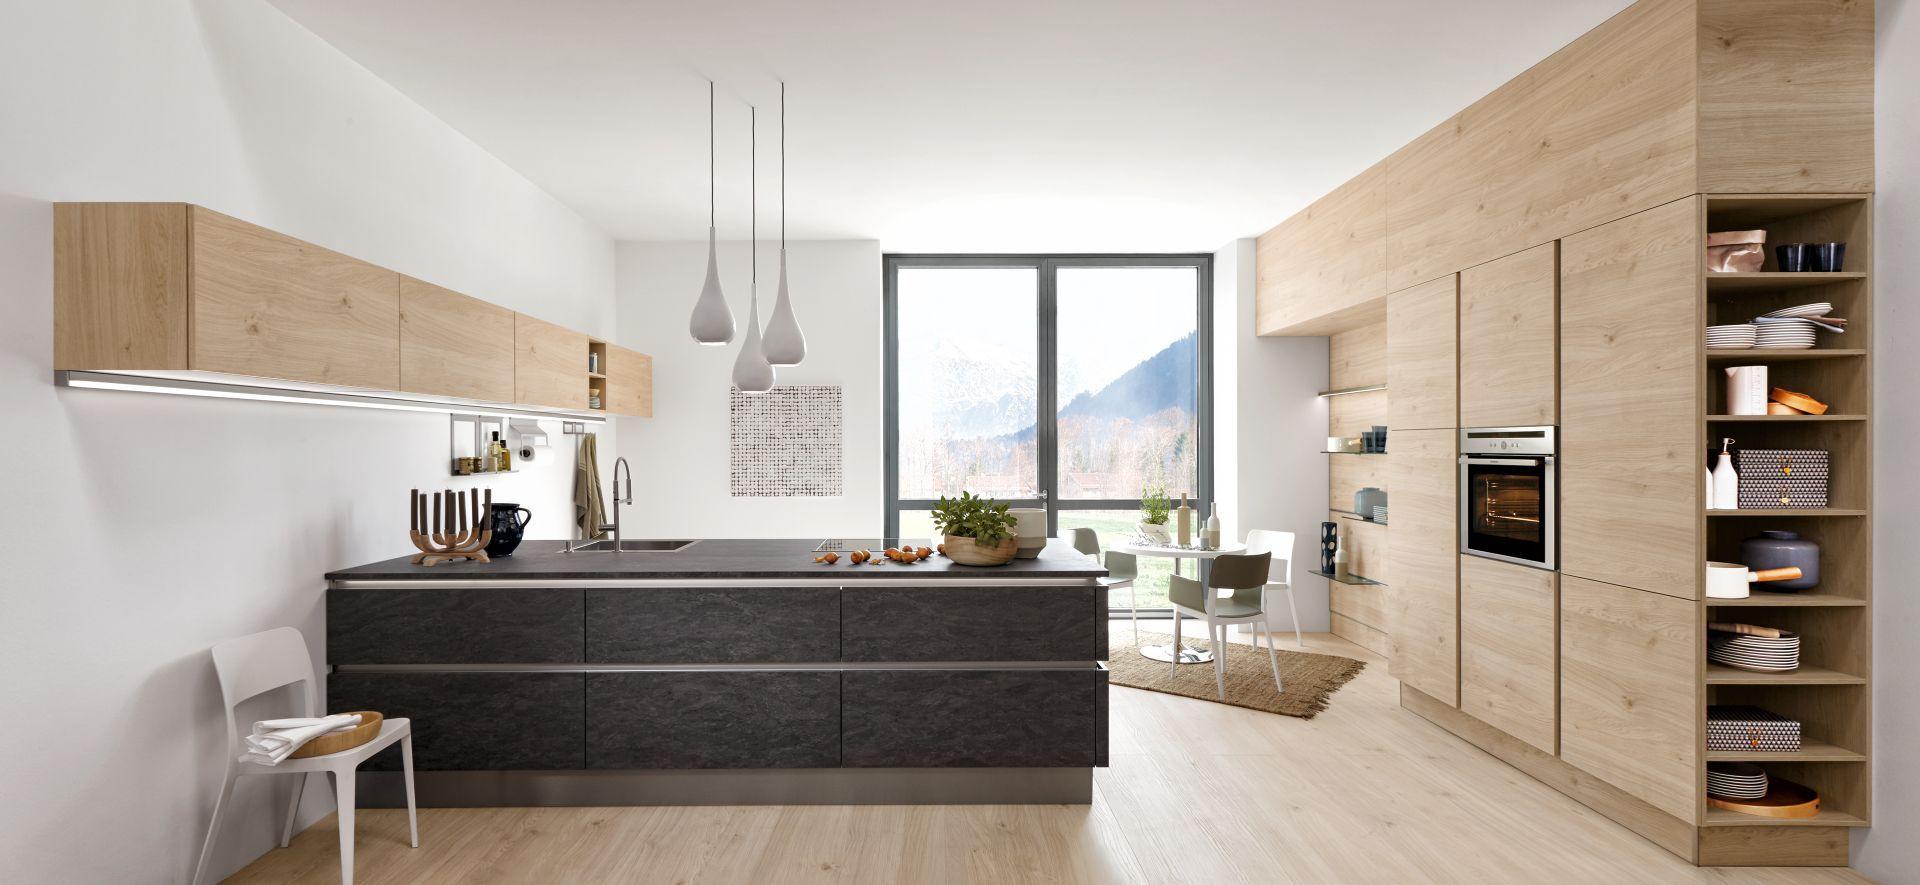 Moderne Inselküche Artwood Asteiche Natur und Stone Basalt mit ...